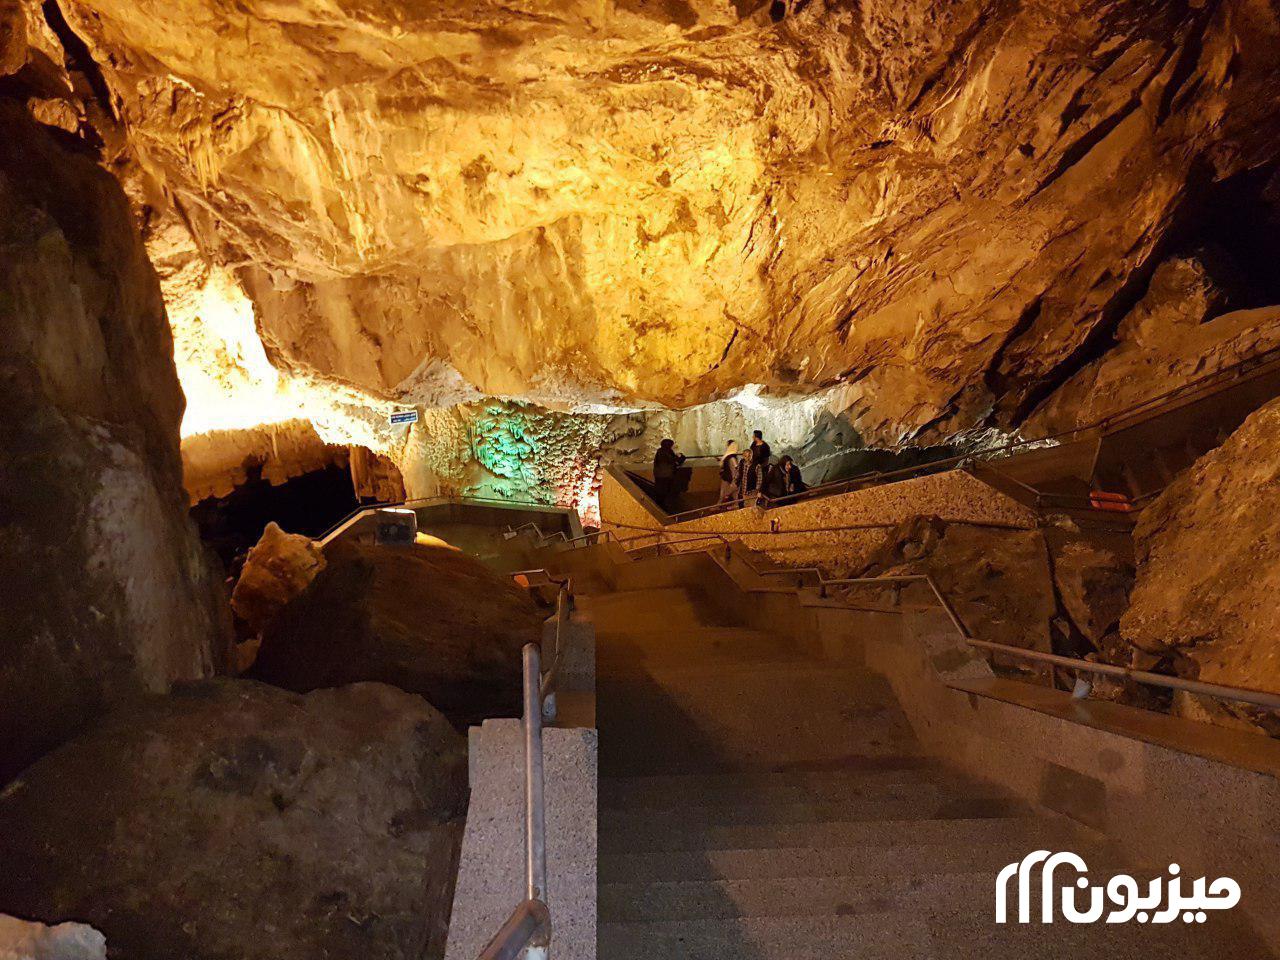 مسیر پیادهروی درون غار علیصدر